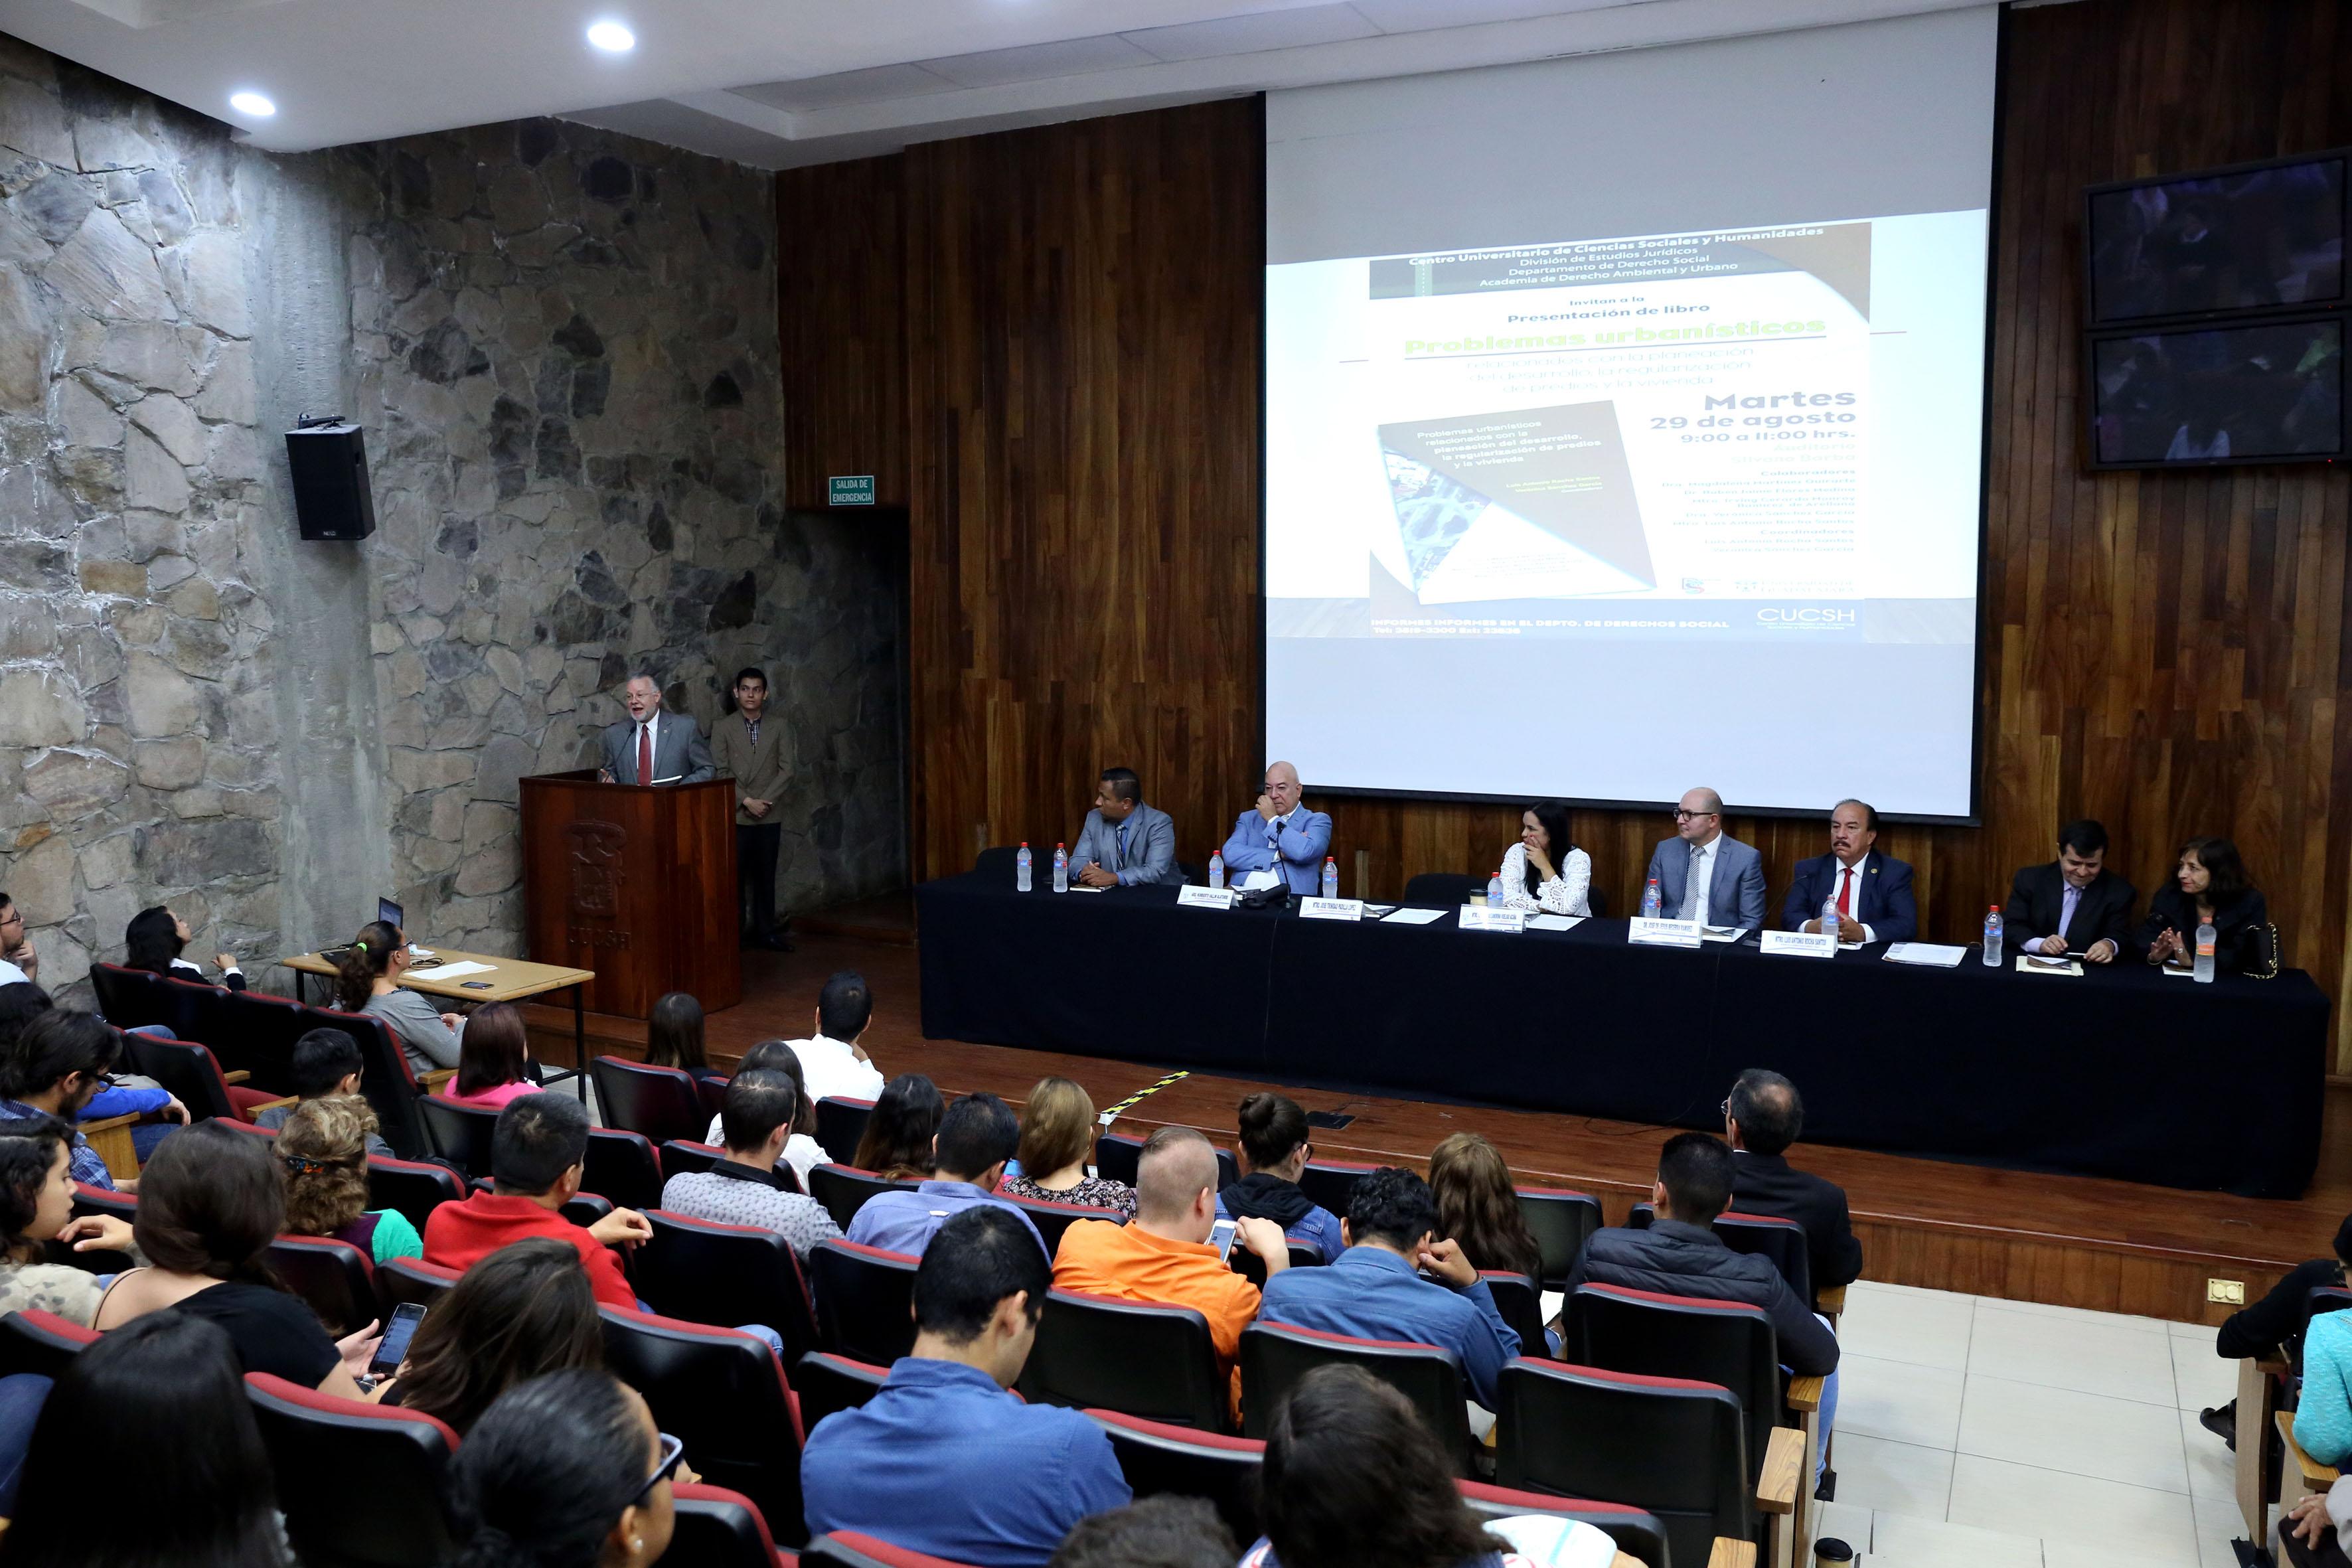 Presentación del libro  Problemas urbanísticos relacionados con la planeación del desarrollo, la regularización de predios y la vivienda en el  Centro Universitario de Ciencias Sociales y Humanidades (CUCSH), campus La Normal, de la Universidad de Guadalajara (UdeG).